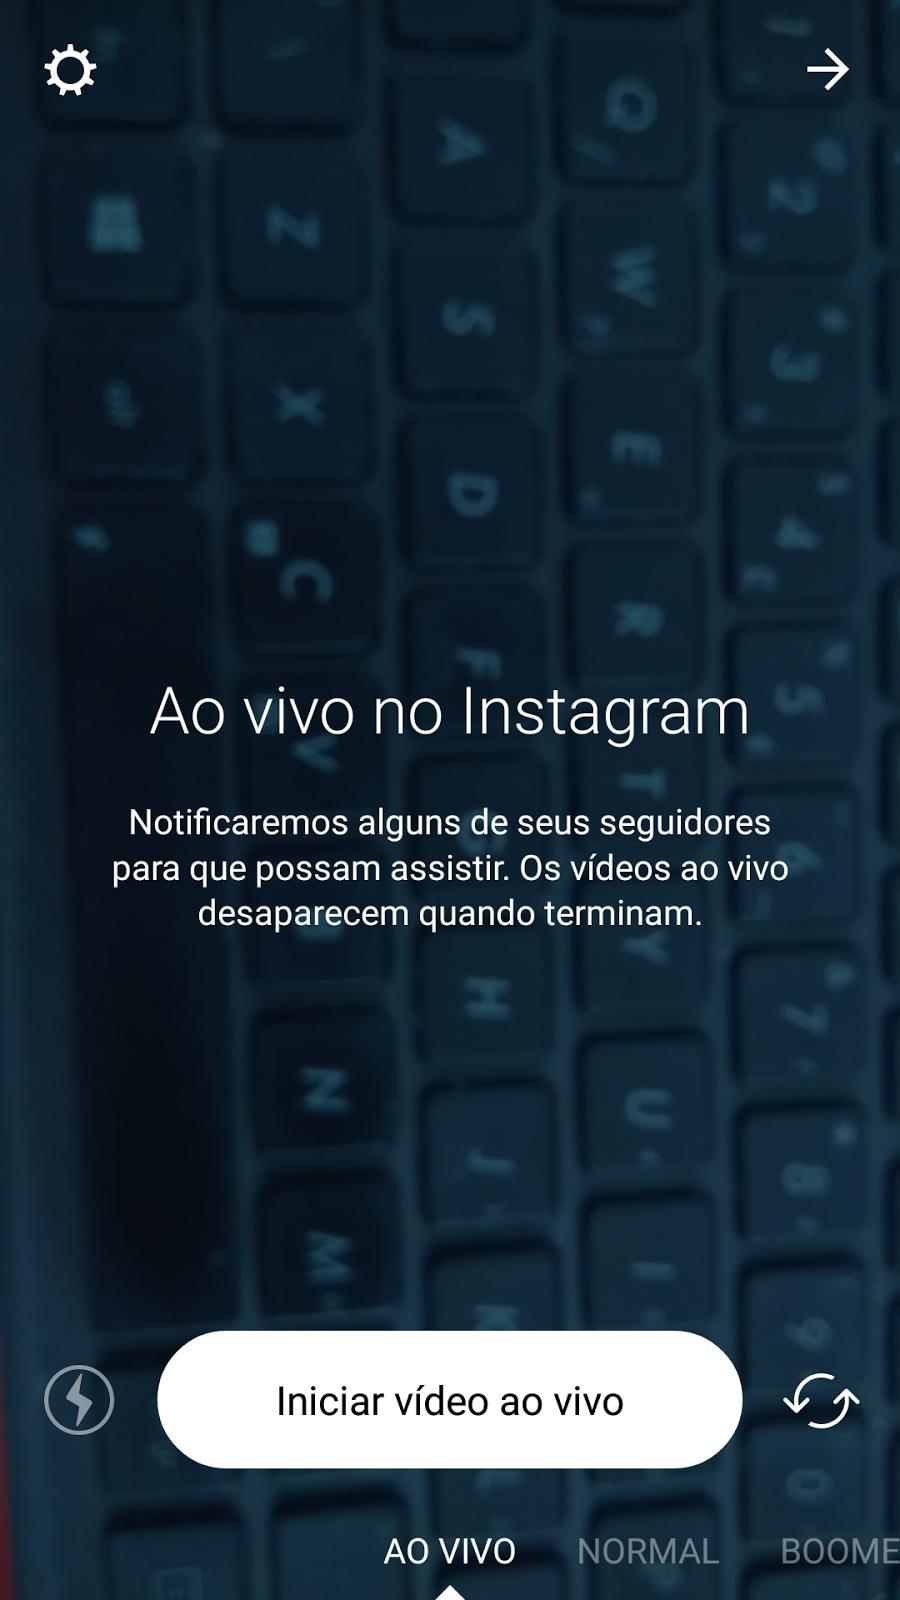 Live, ao vivo instagram